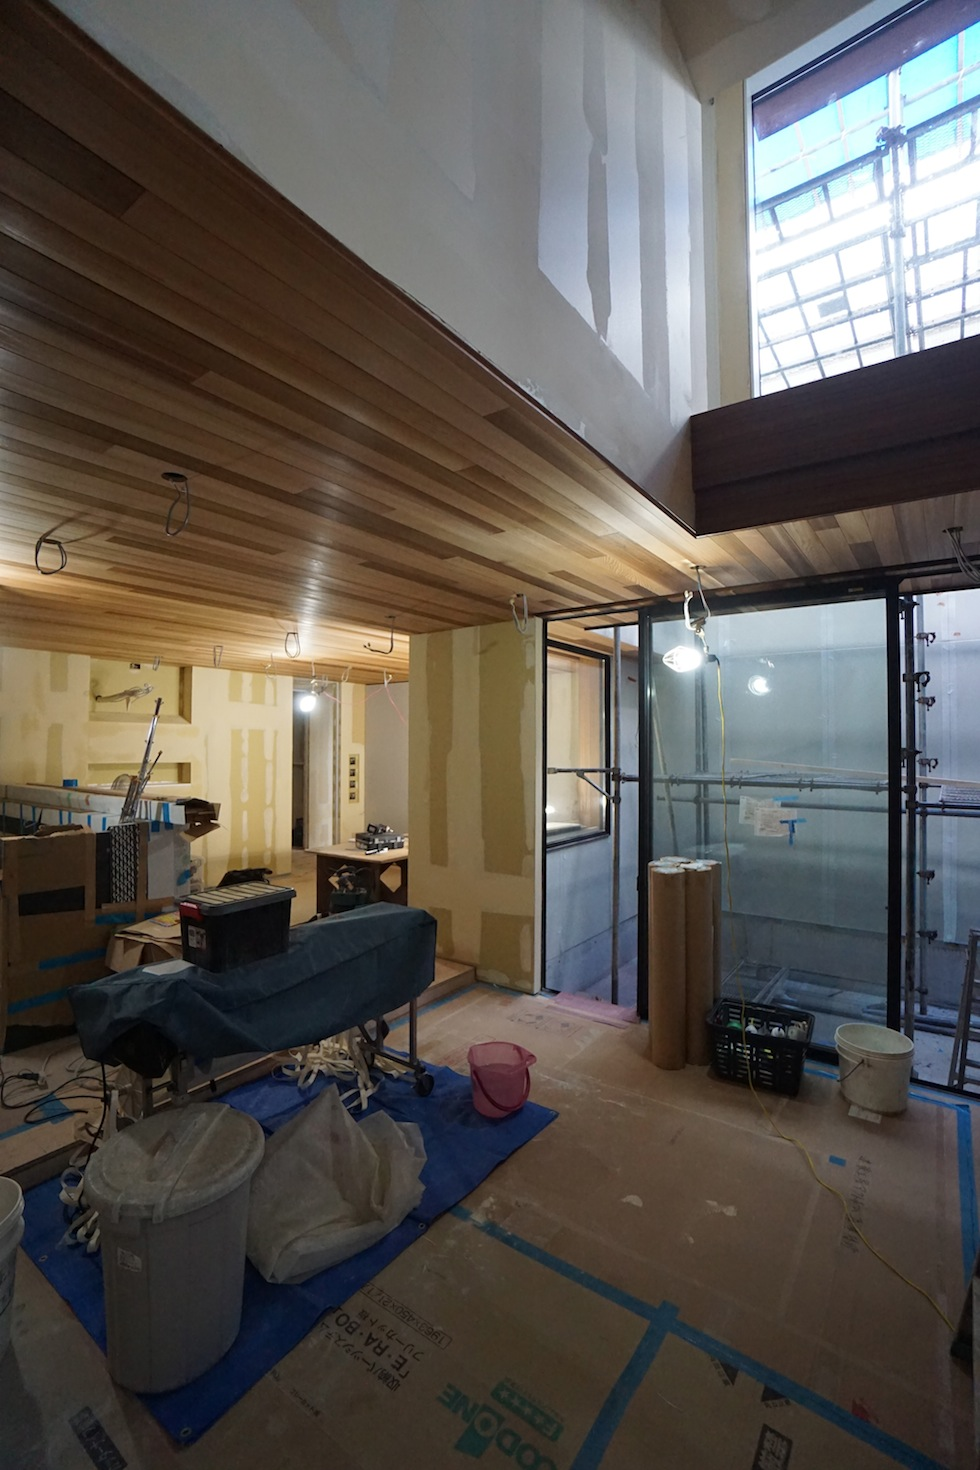 建築家,大阪,豊中,吹抜,高級注文住宅設計,北摂,コートハウス,ラグジュアリー,中庭の家